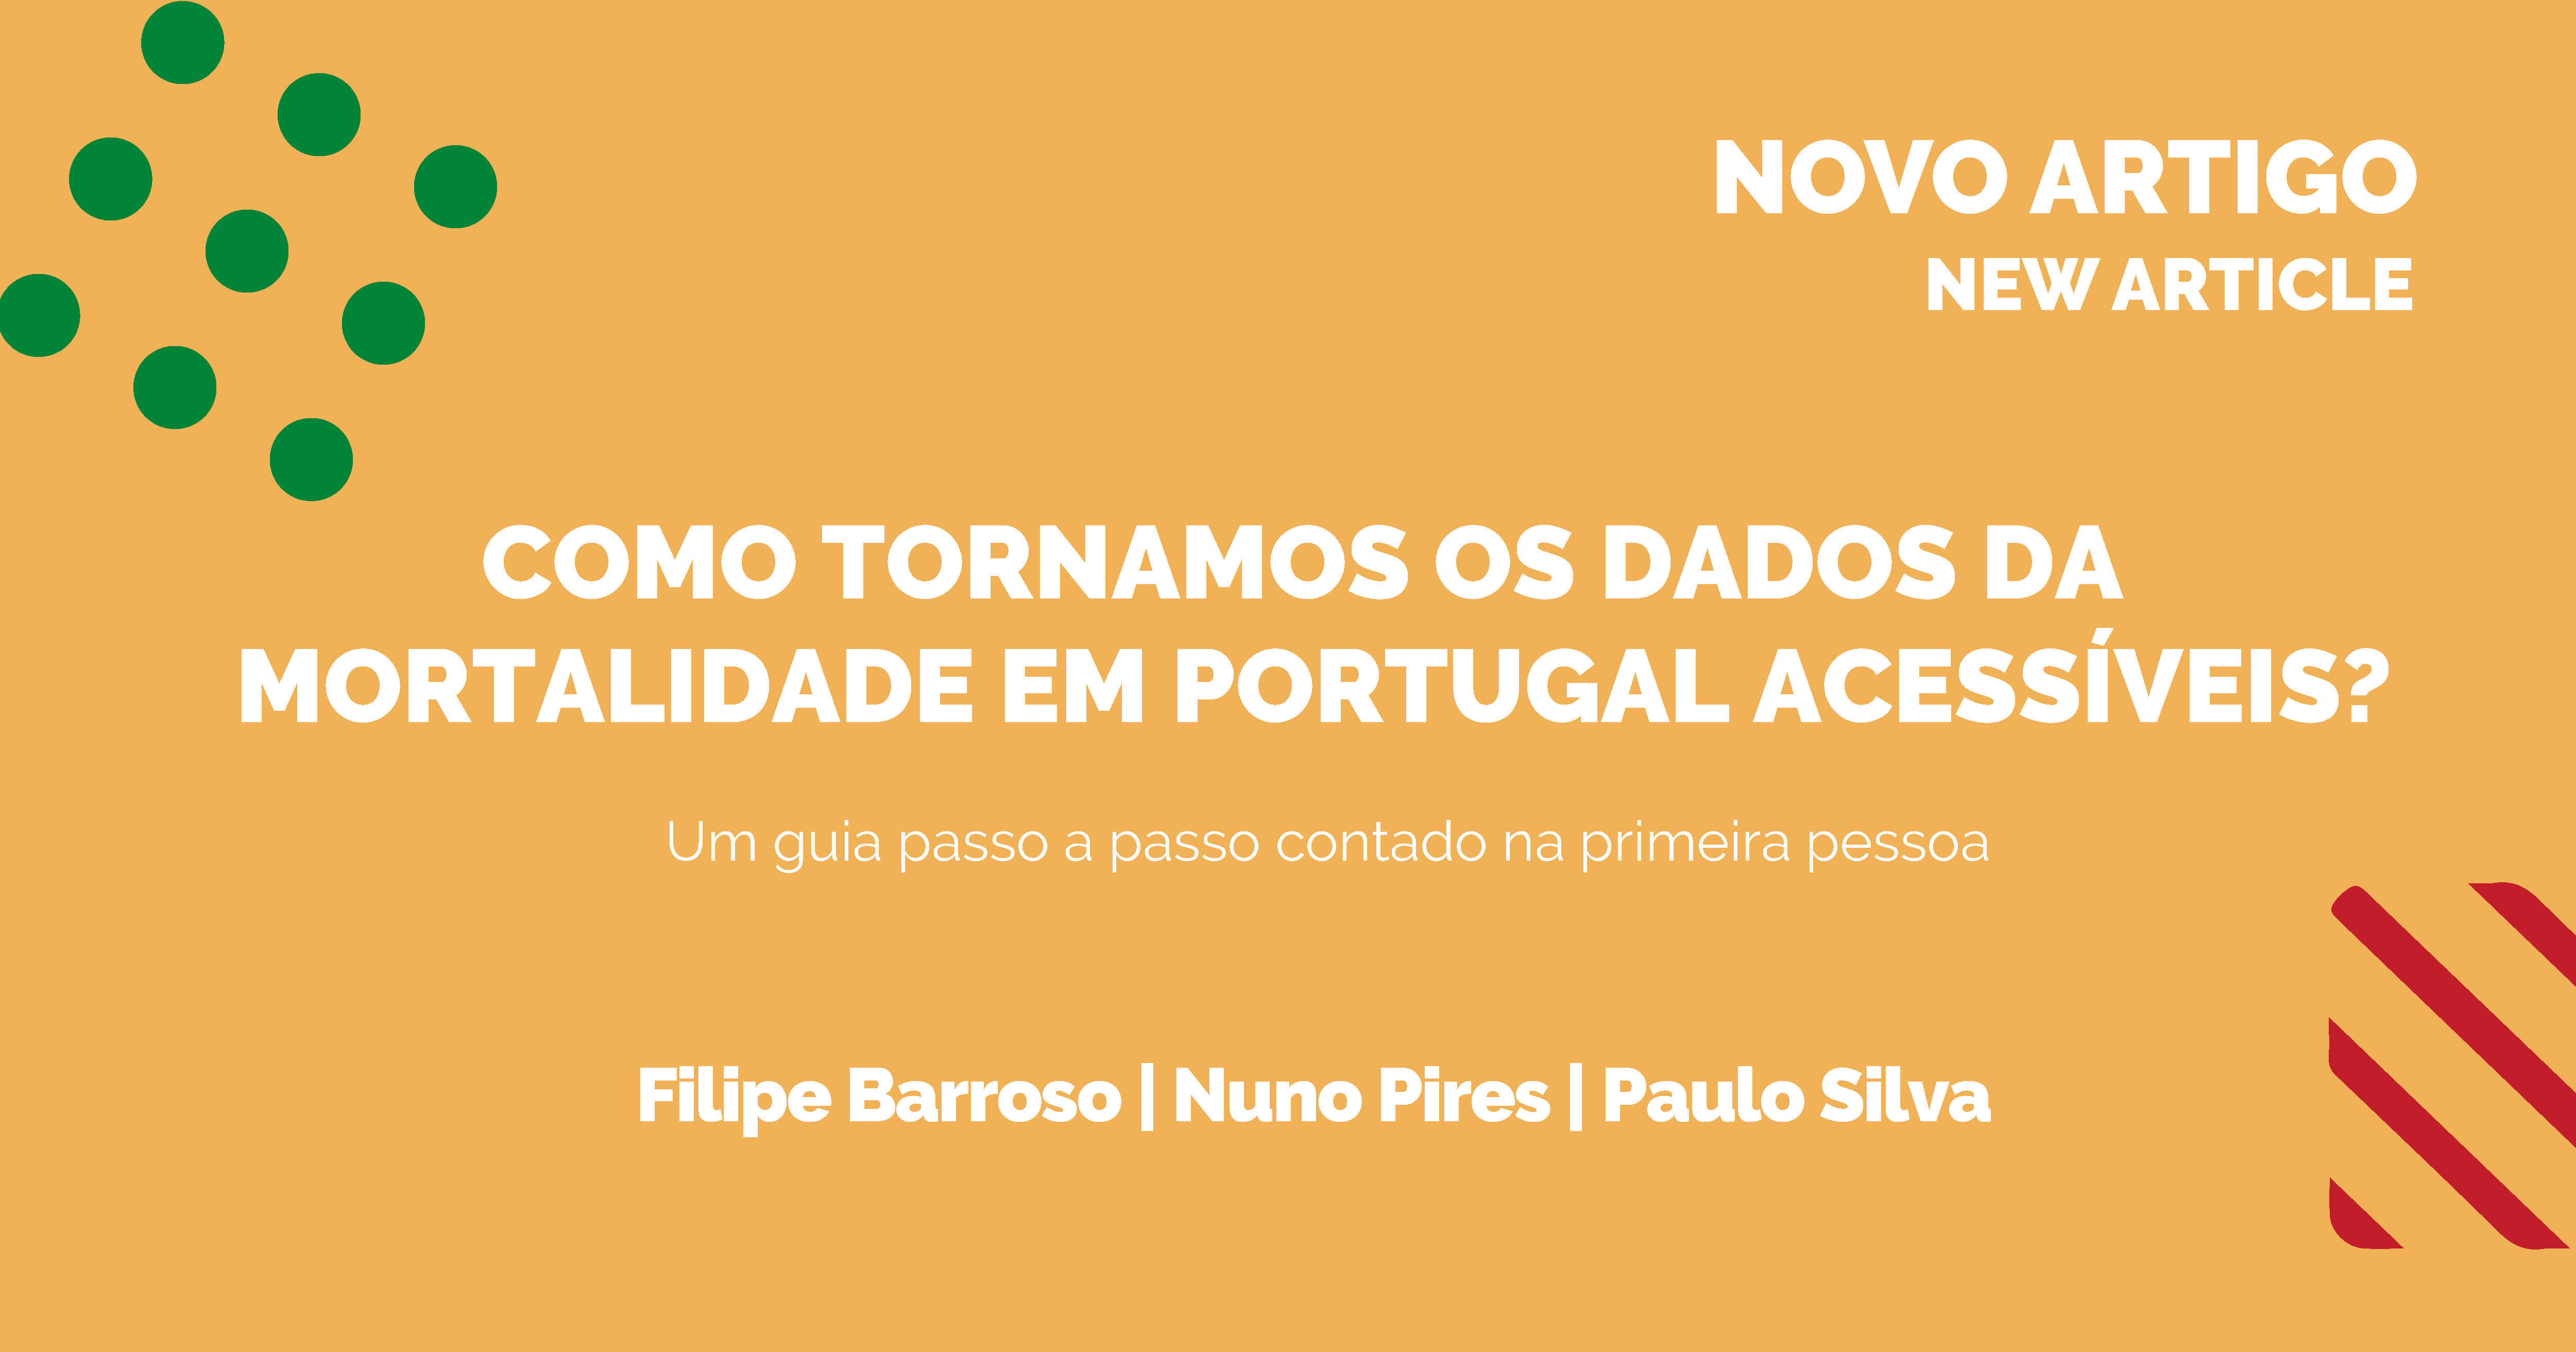 Como tornamos os dados da mortalidade em Portugal acessíveis? Um guia passo a passo contado na primeira pessoa